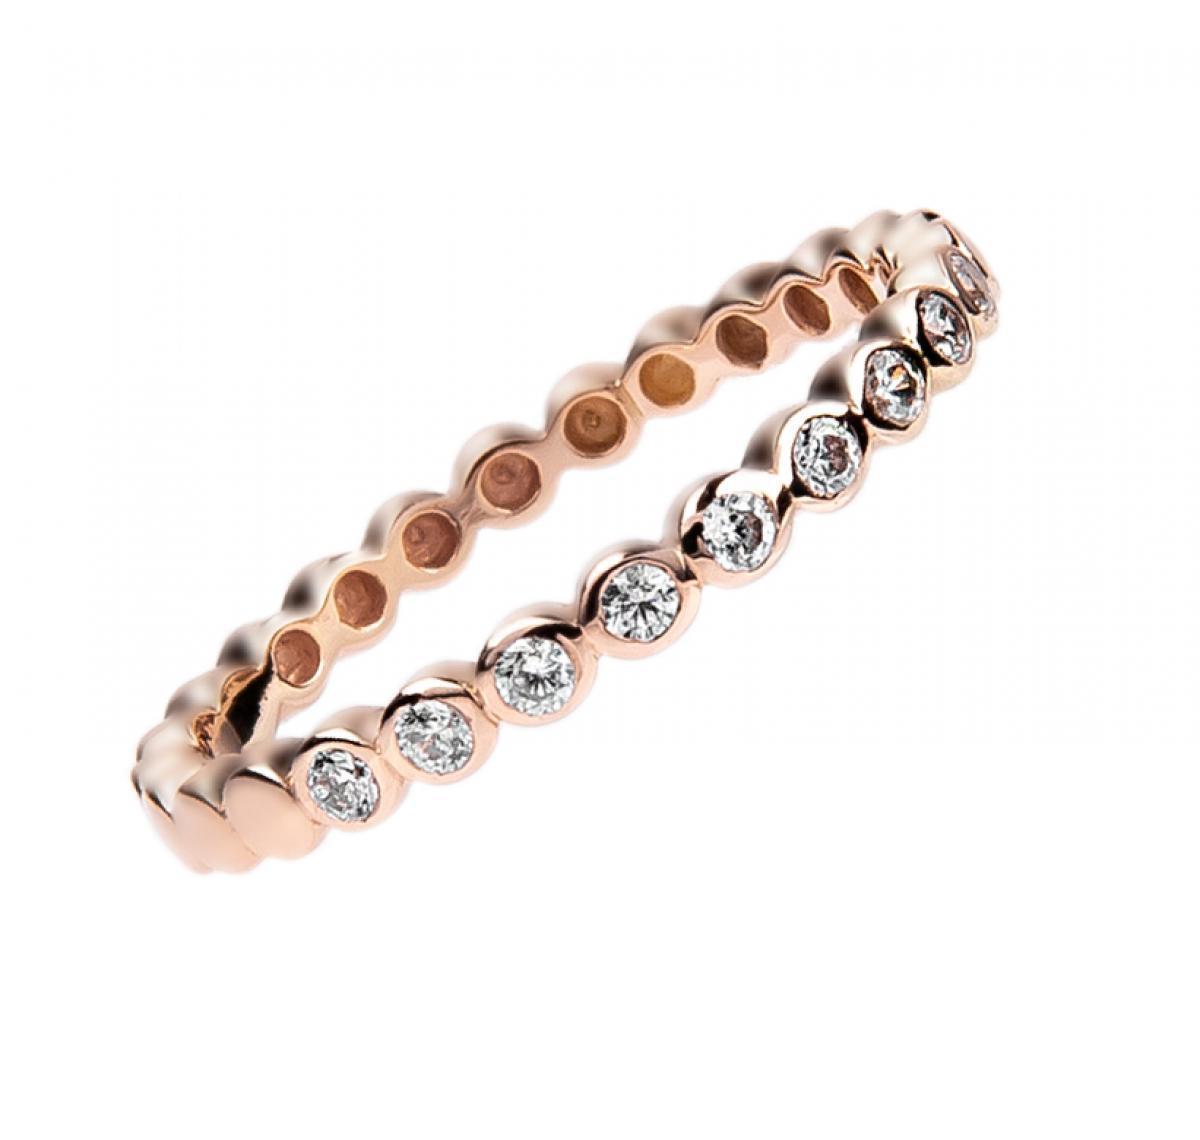 Перстень монобрендовий з цирконієм ``Broderie`` з червоного золота (16)